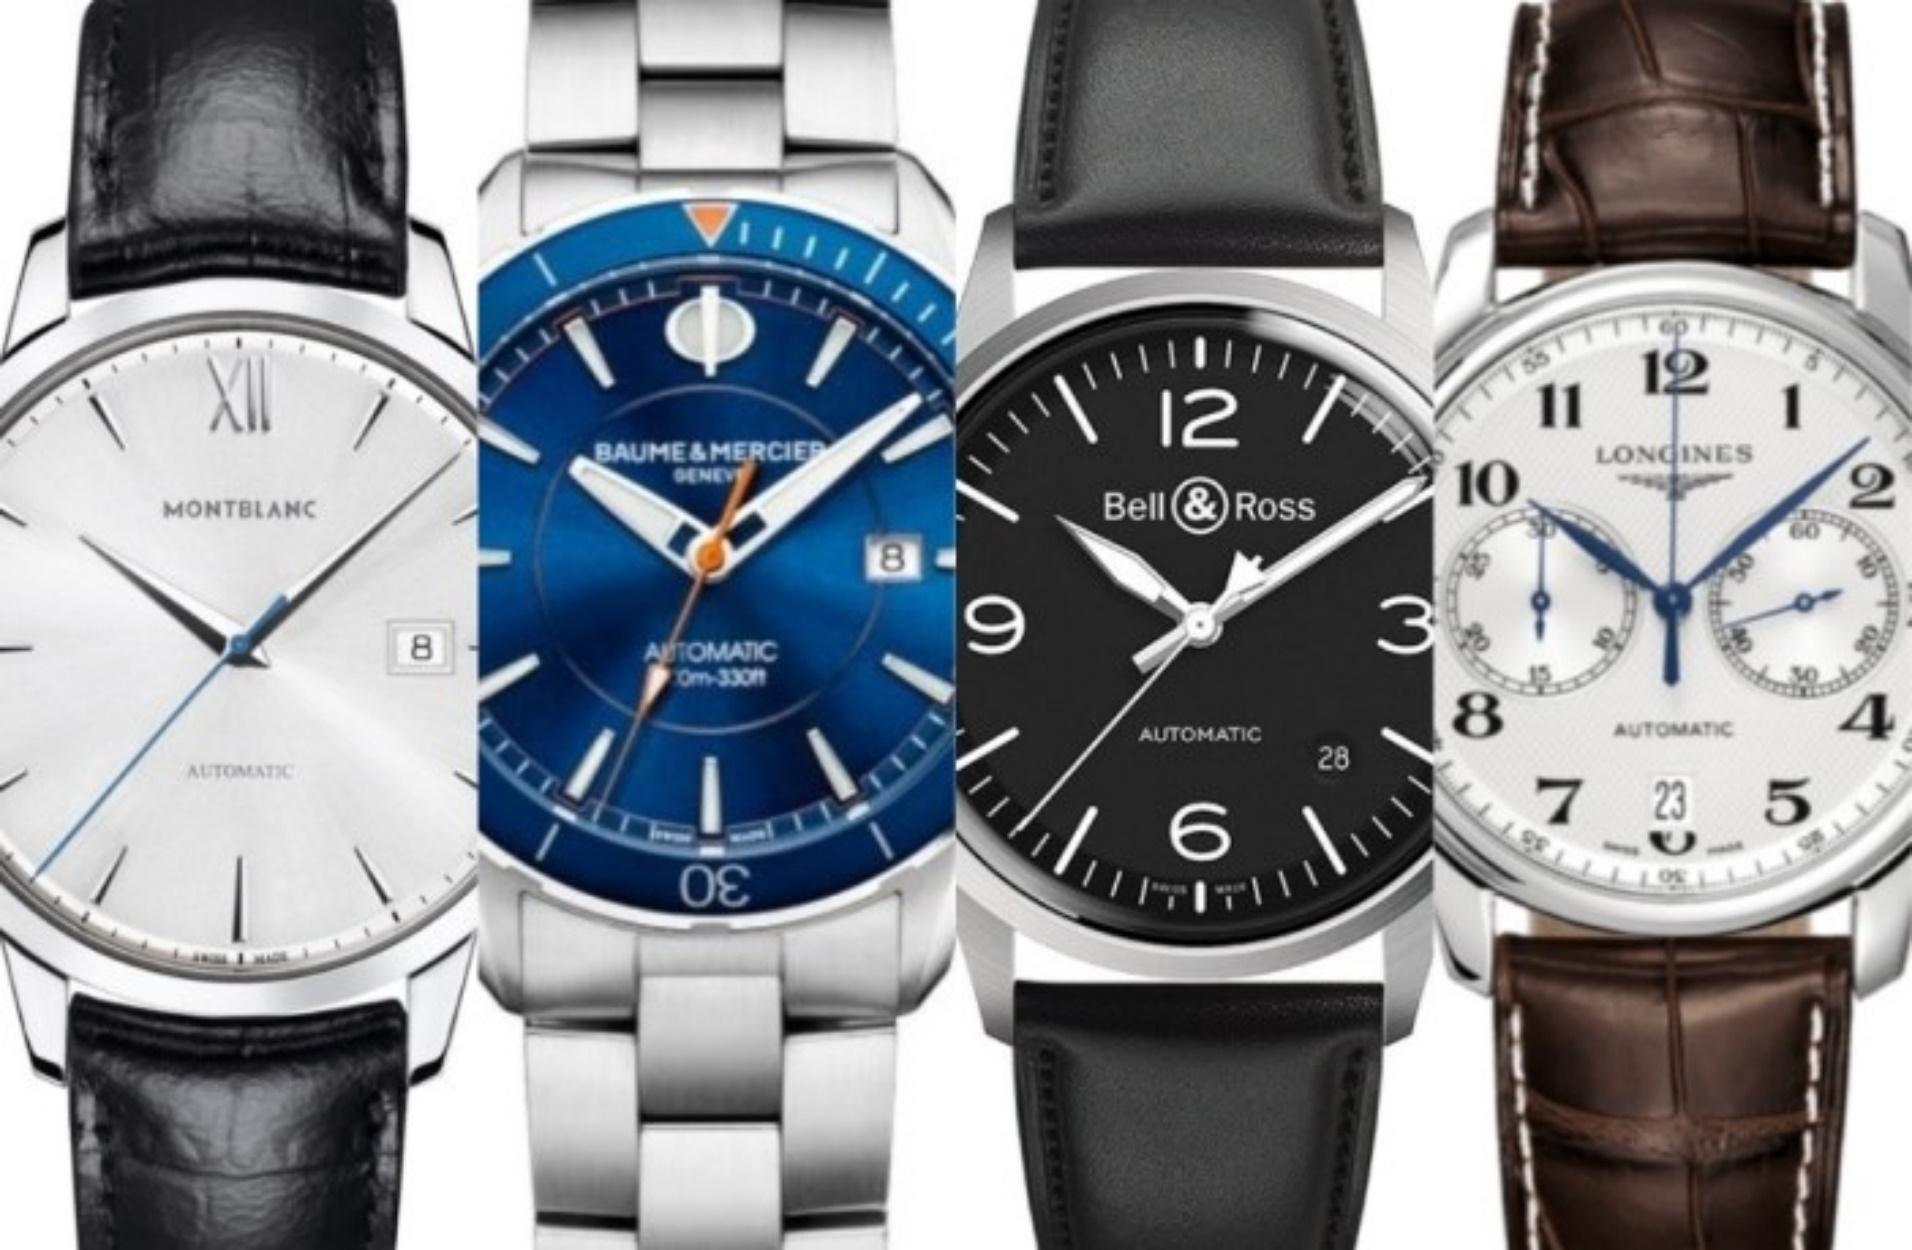 4 αυτόματα ρολόγια που δεν θα αδειάσουν τον τραπεζικό σας λογαριασμό